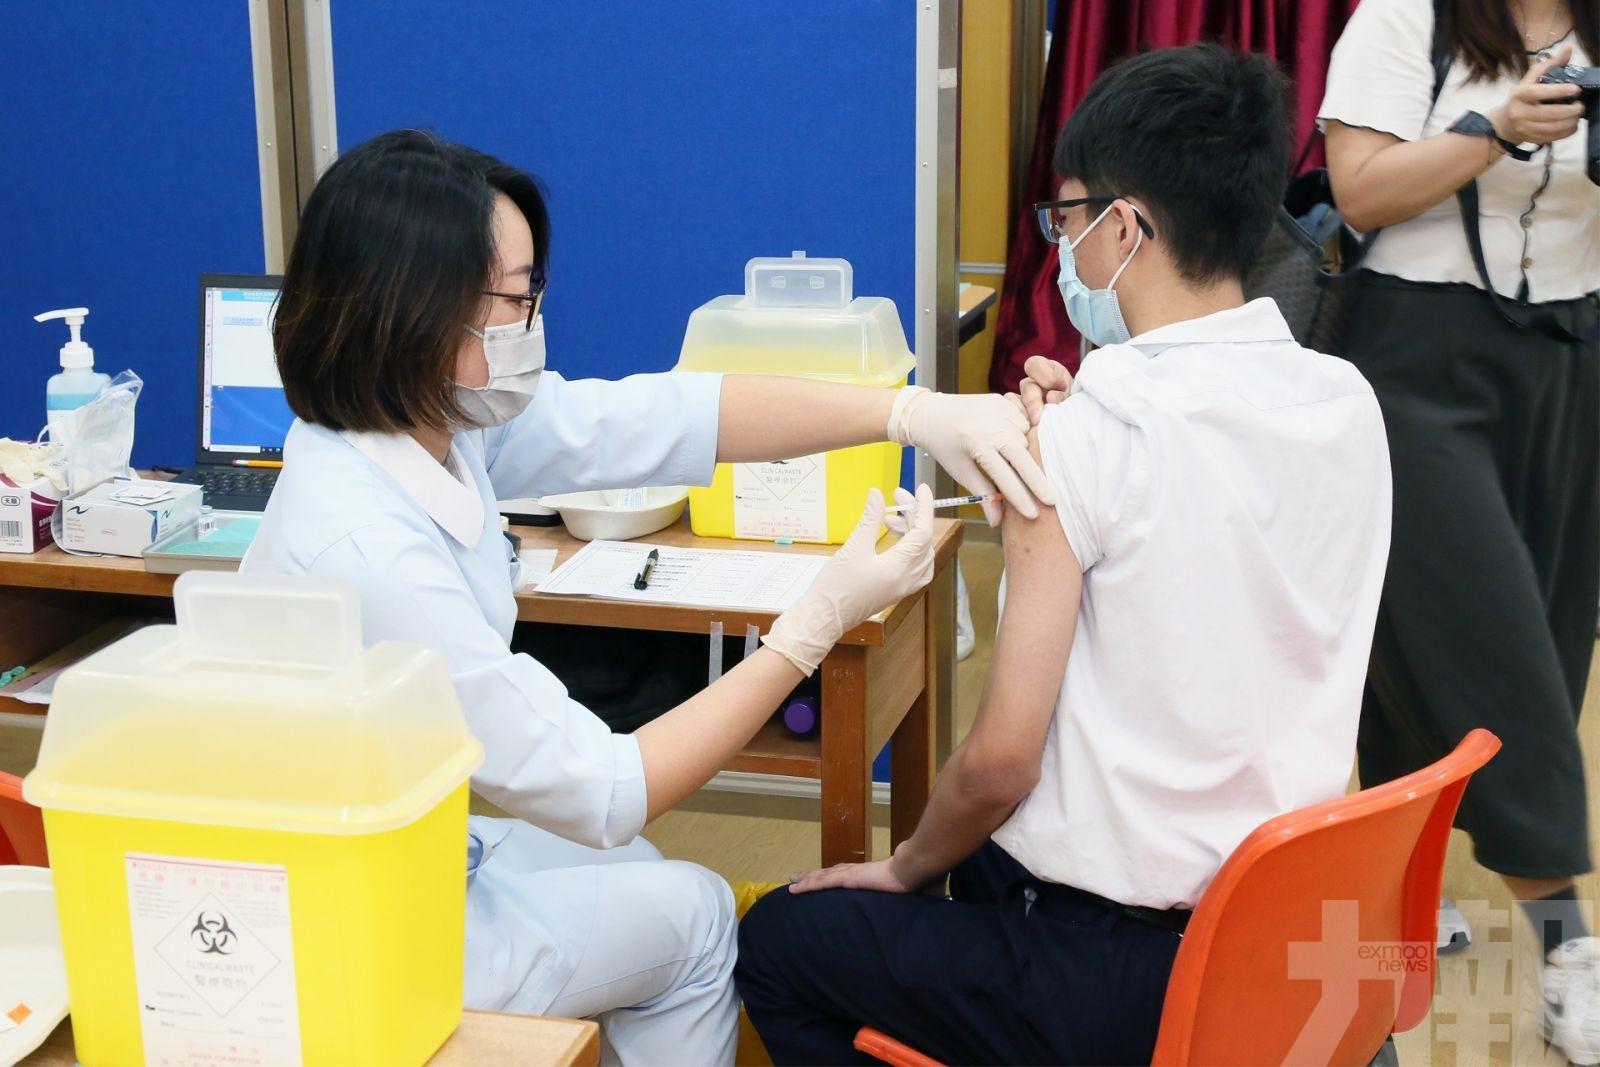 12至19歲人士接種率升至27%